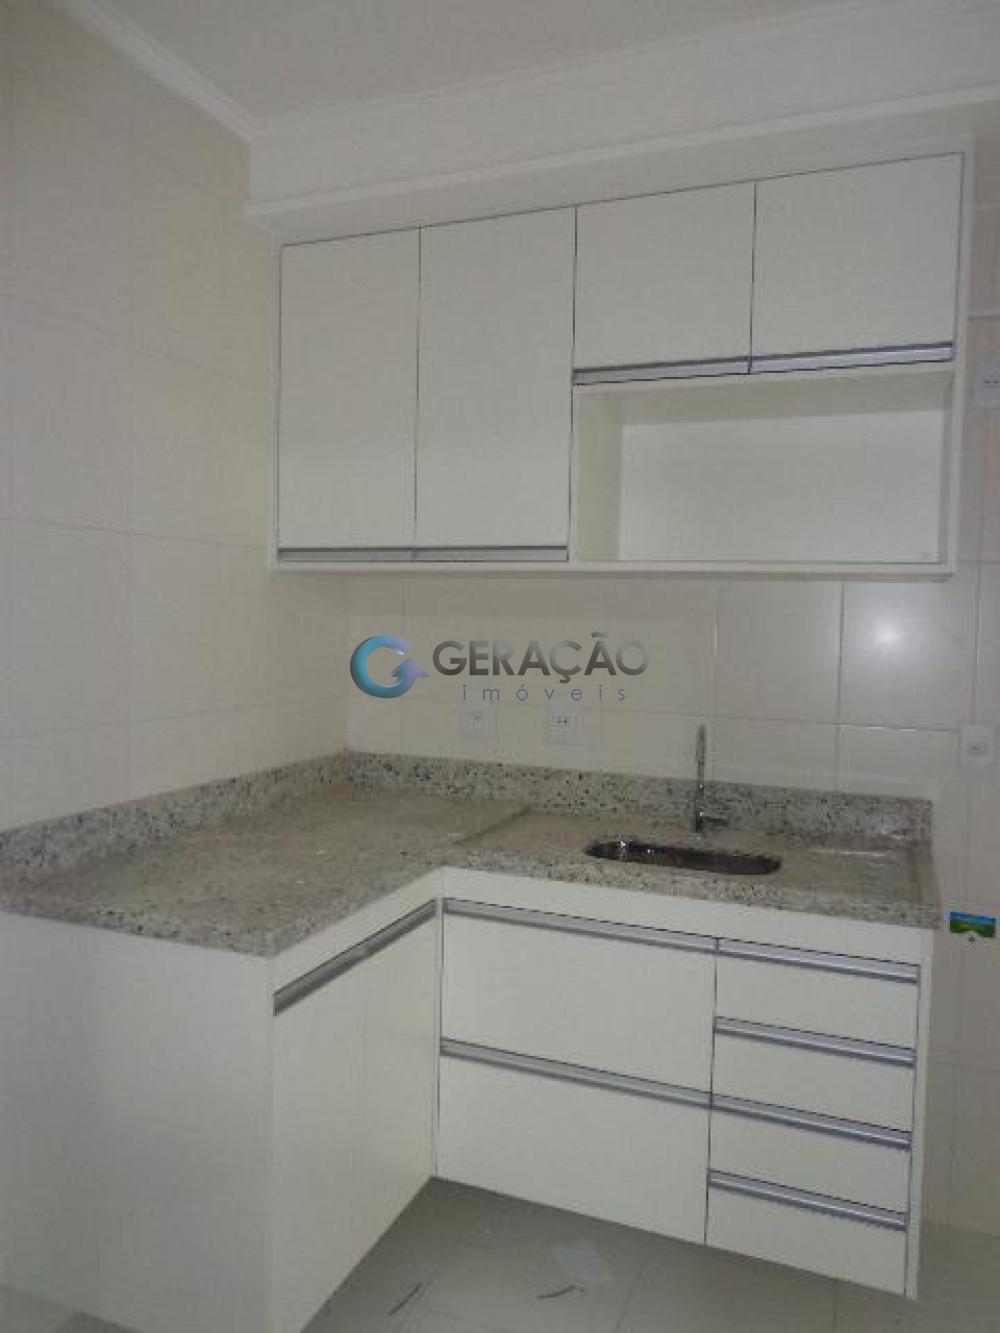 Alugar Apartamento / Padrão em São José dos Campos apenas R$ 1.800,00 - Foto 9